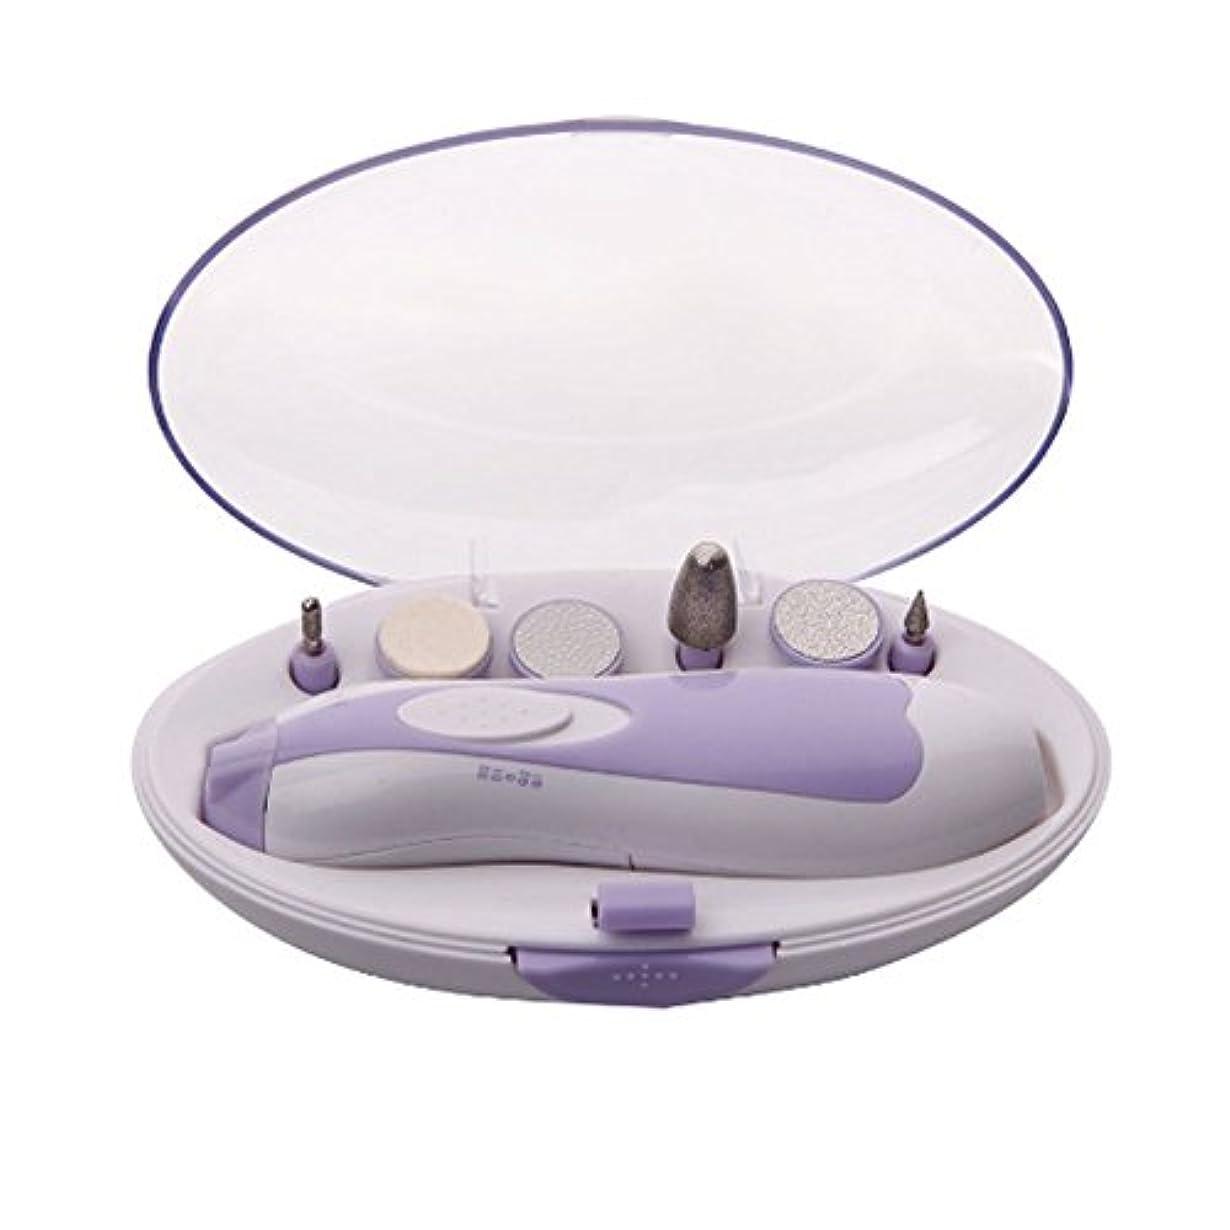 Xiton 電動ネイルケア ネイルケアセット LEDライト搭載 アタッチメント6種類付き 角質ケア 爪やすり 爪磨き 甘皮処理 男女兼用